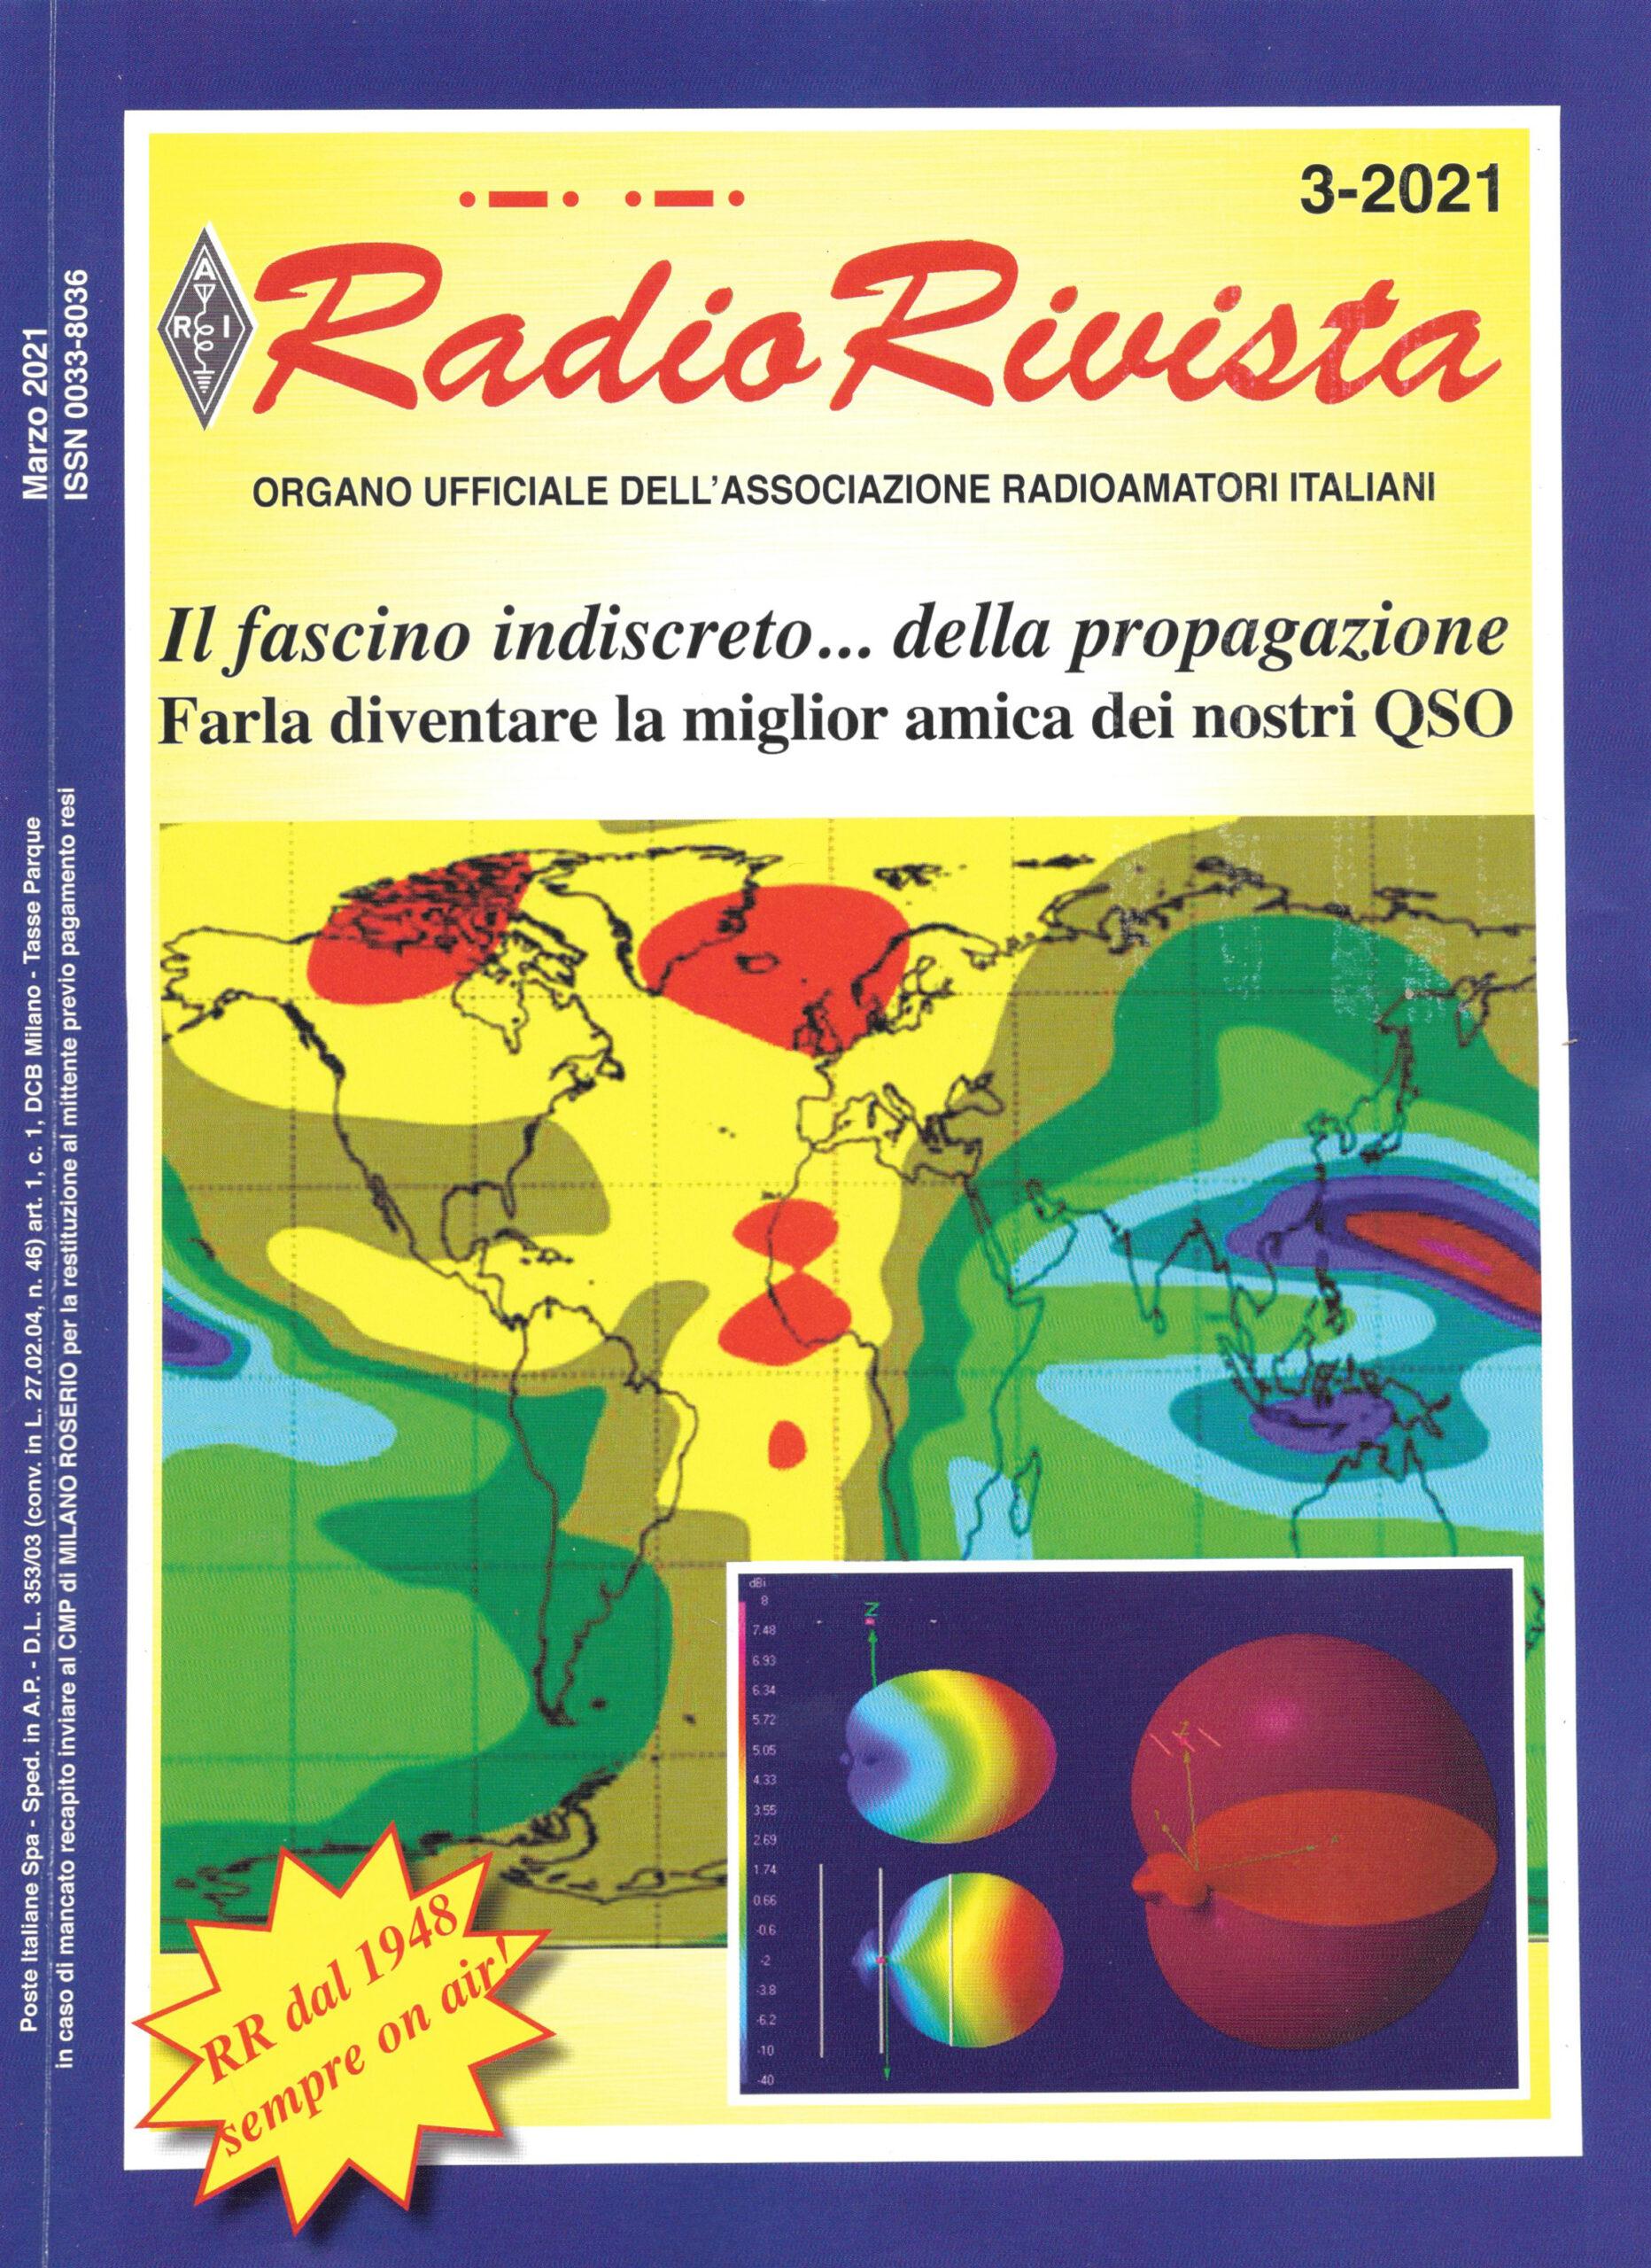 RadioRivista_Marzo2021 5